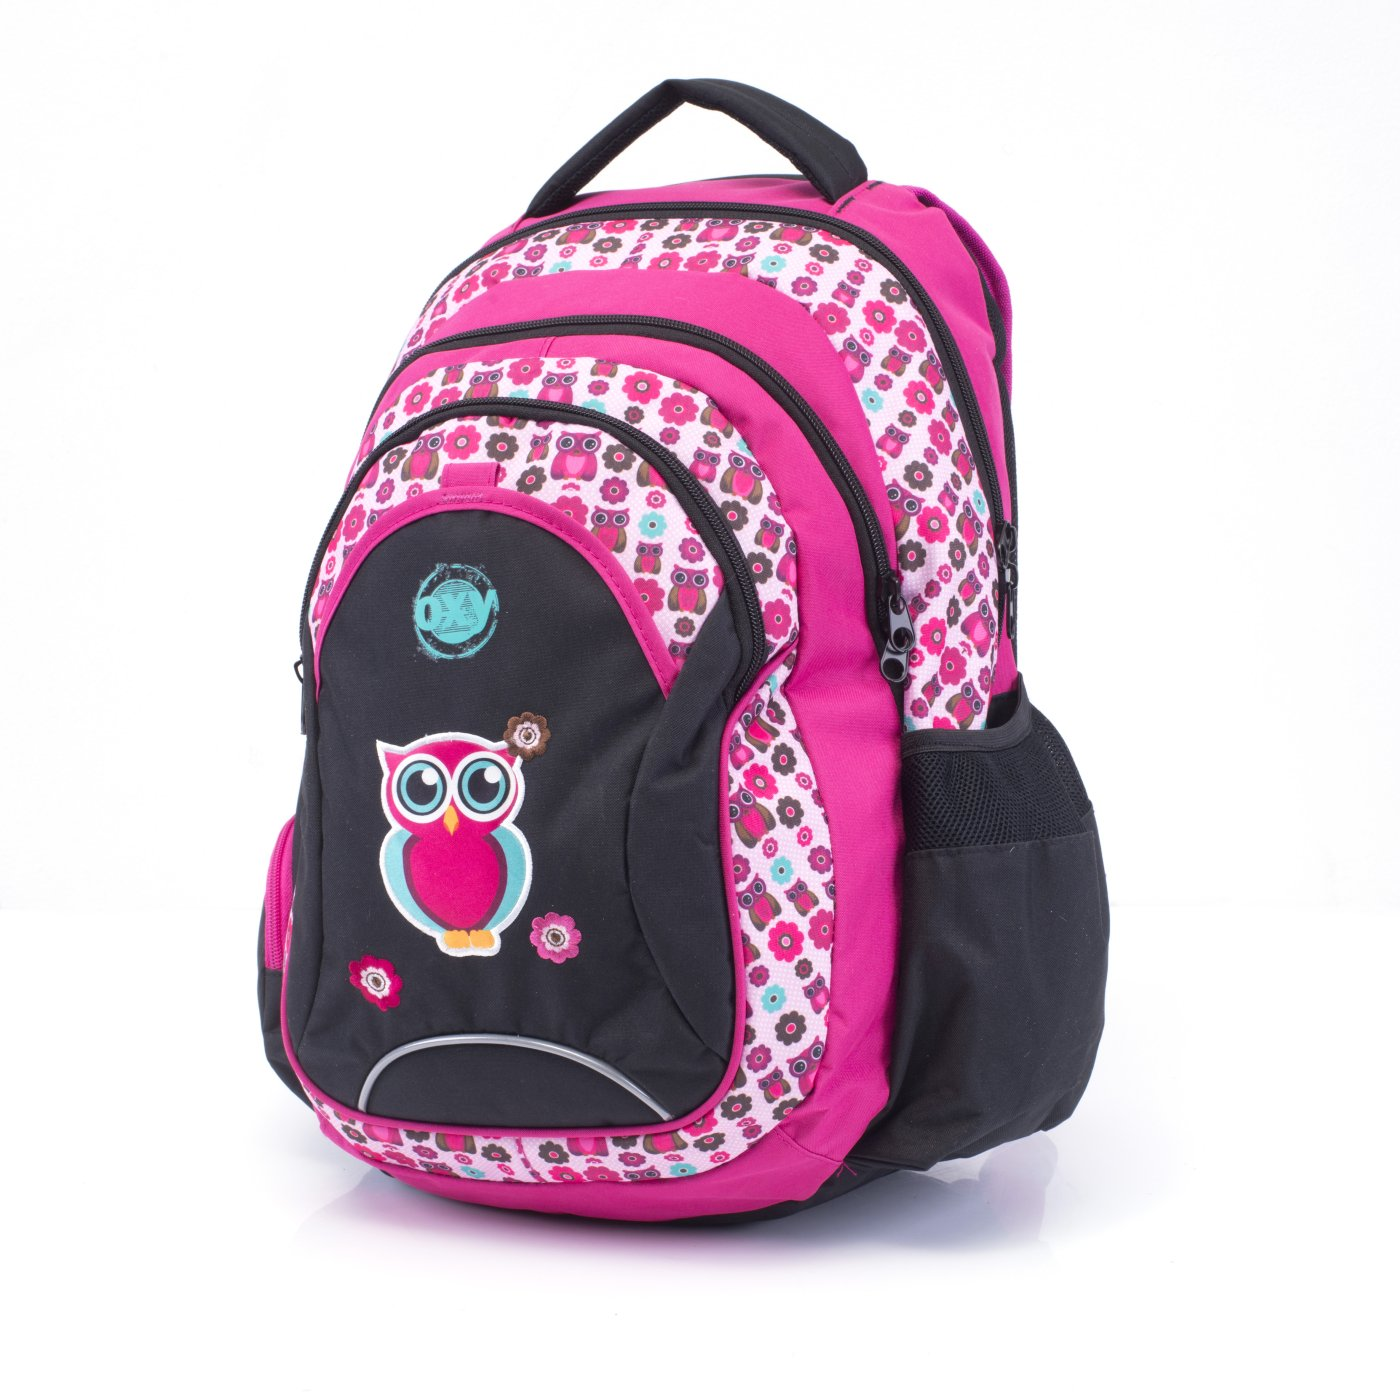 Student backpack OXY Fashion Pink Owl - Školní potřeby » OXY ... 9b166a2717